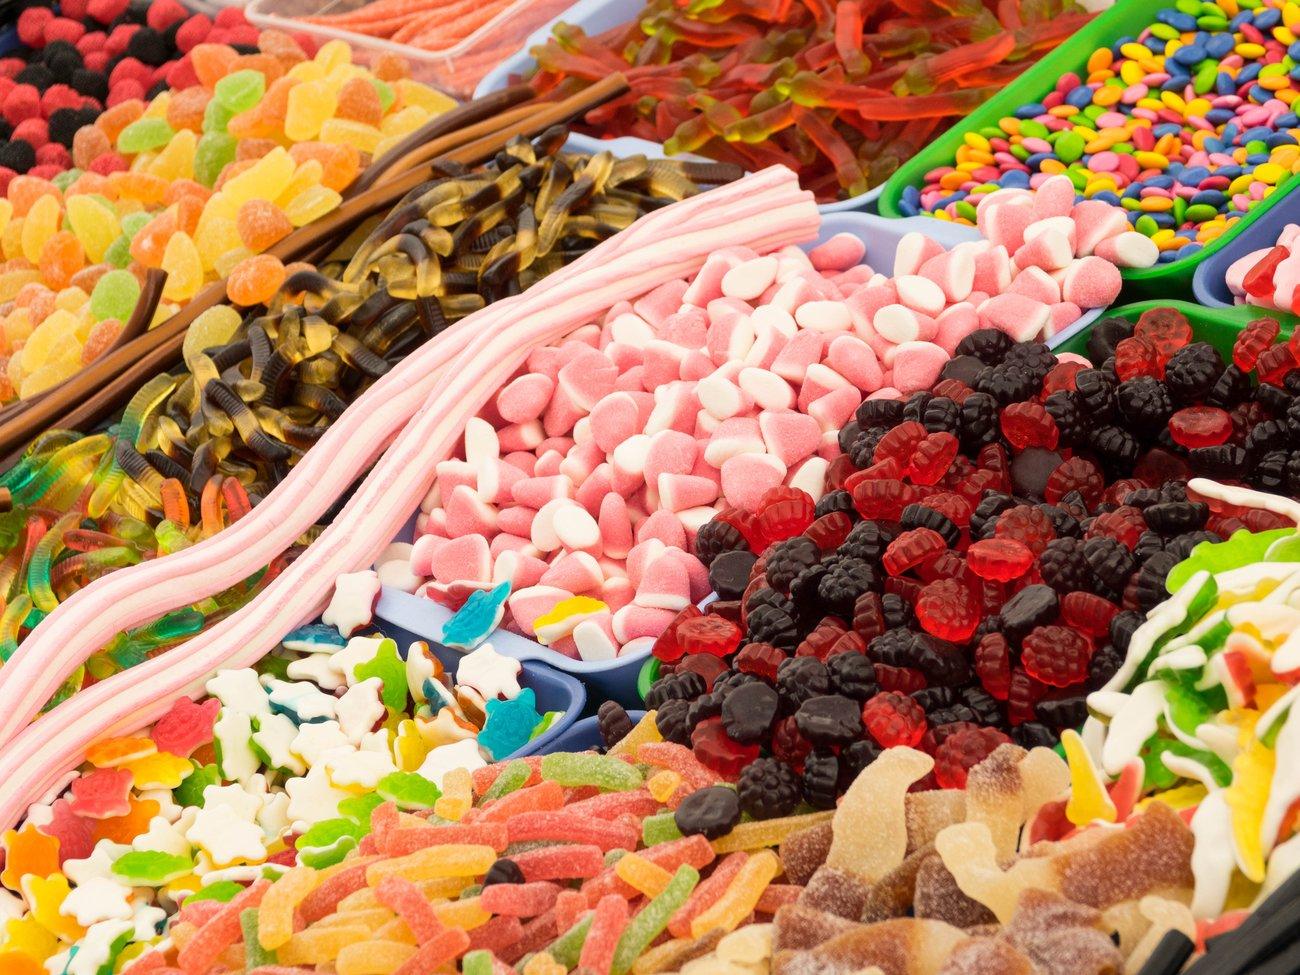 Schoko-Hormon: Das ist der Grund für deinen Heißhunger auf Süßes